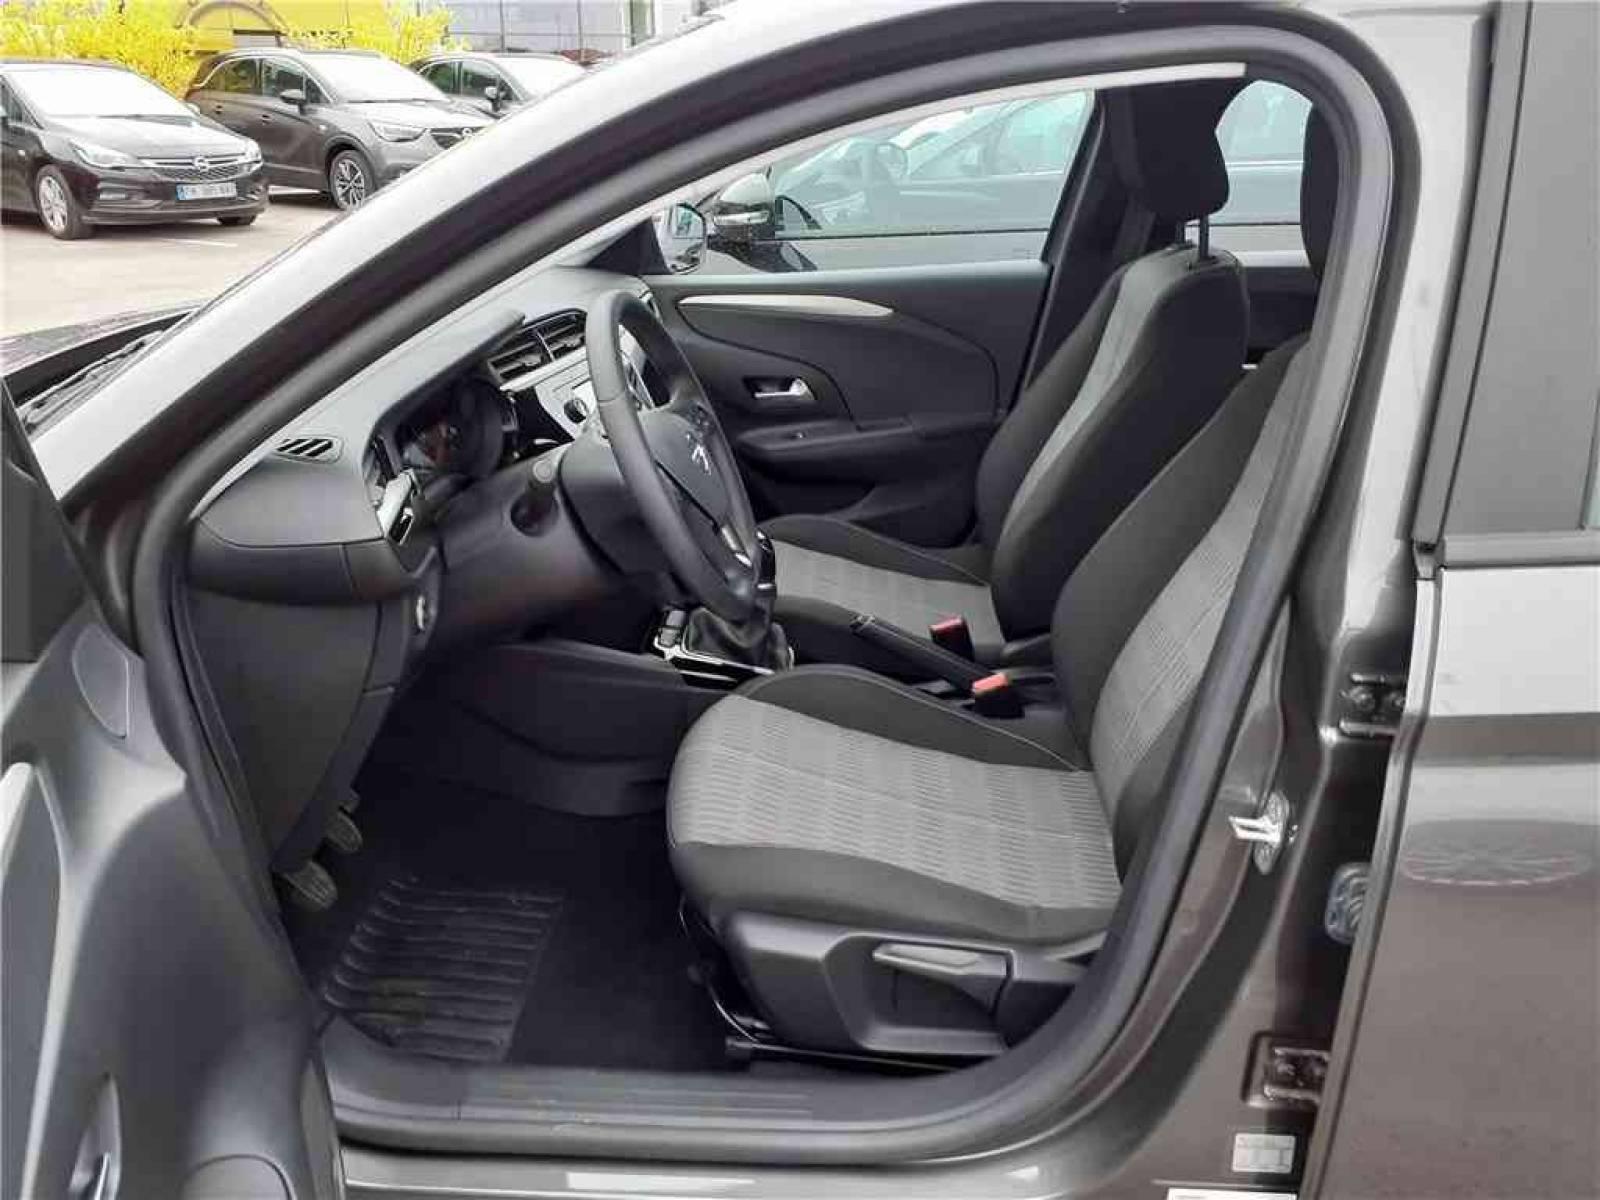 OPEL Corsa 1.2 75 ch BVM5 - véhicule d'occasion - Groupe Guillet - Opel Magicauto - Montceau-les-Mines - 71300 - Montceau-les-Mines - 16